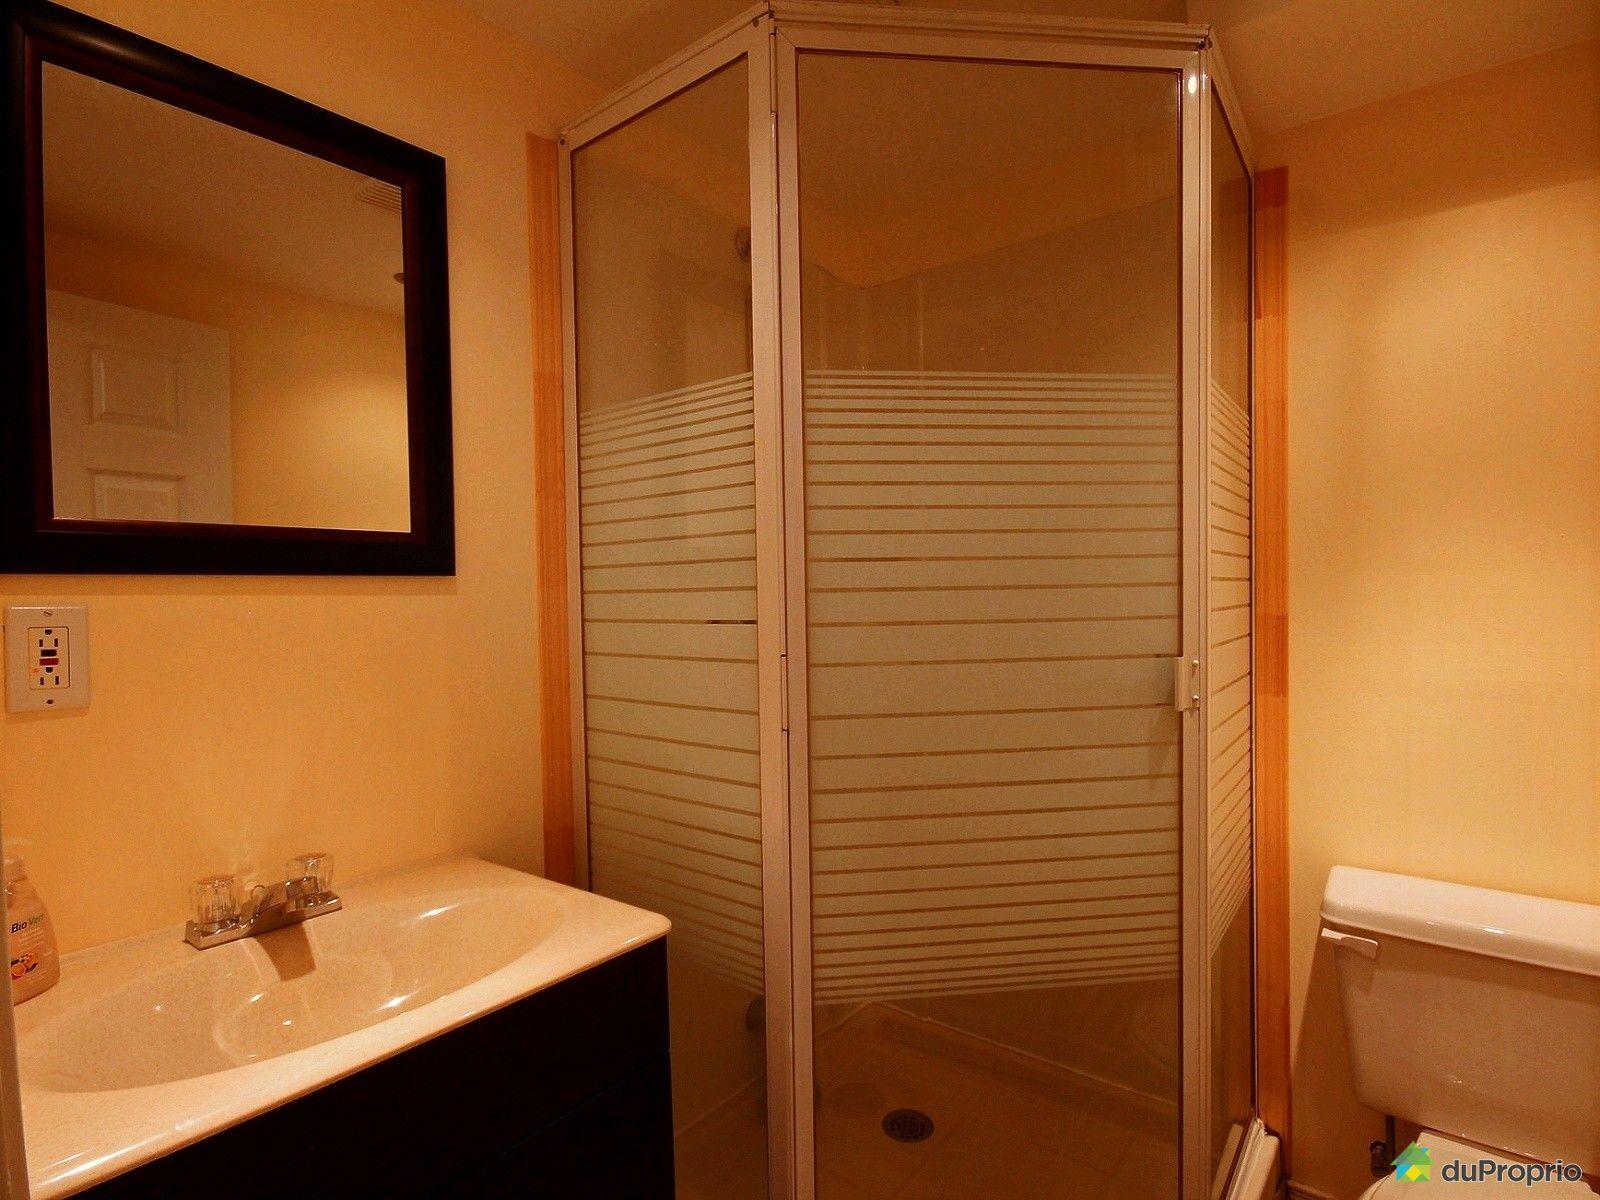 Maison vendre le gardeur 552 boulevard le bourg neuf for Prix salle de bain sous sol